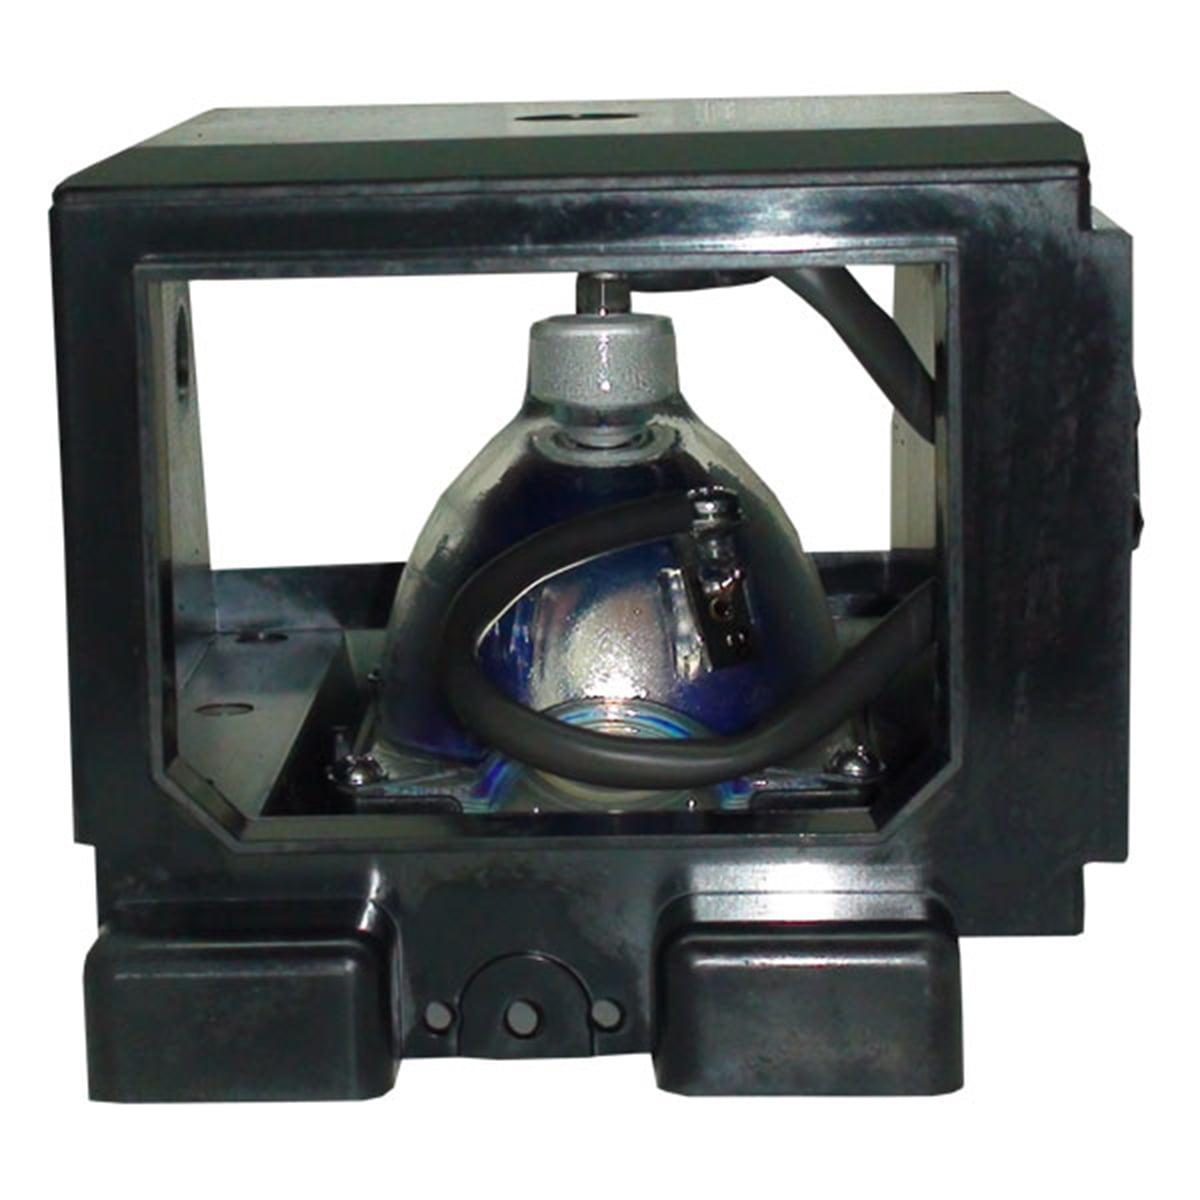 Lutema Platinum pour Samsung HLP5667W lampe de t�l�vision avec bo�tier (ampoule Philips originale � l'int�rieur) - image 1 de 5